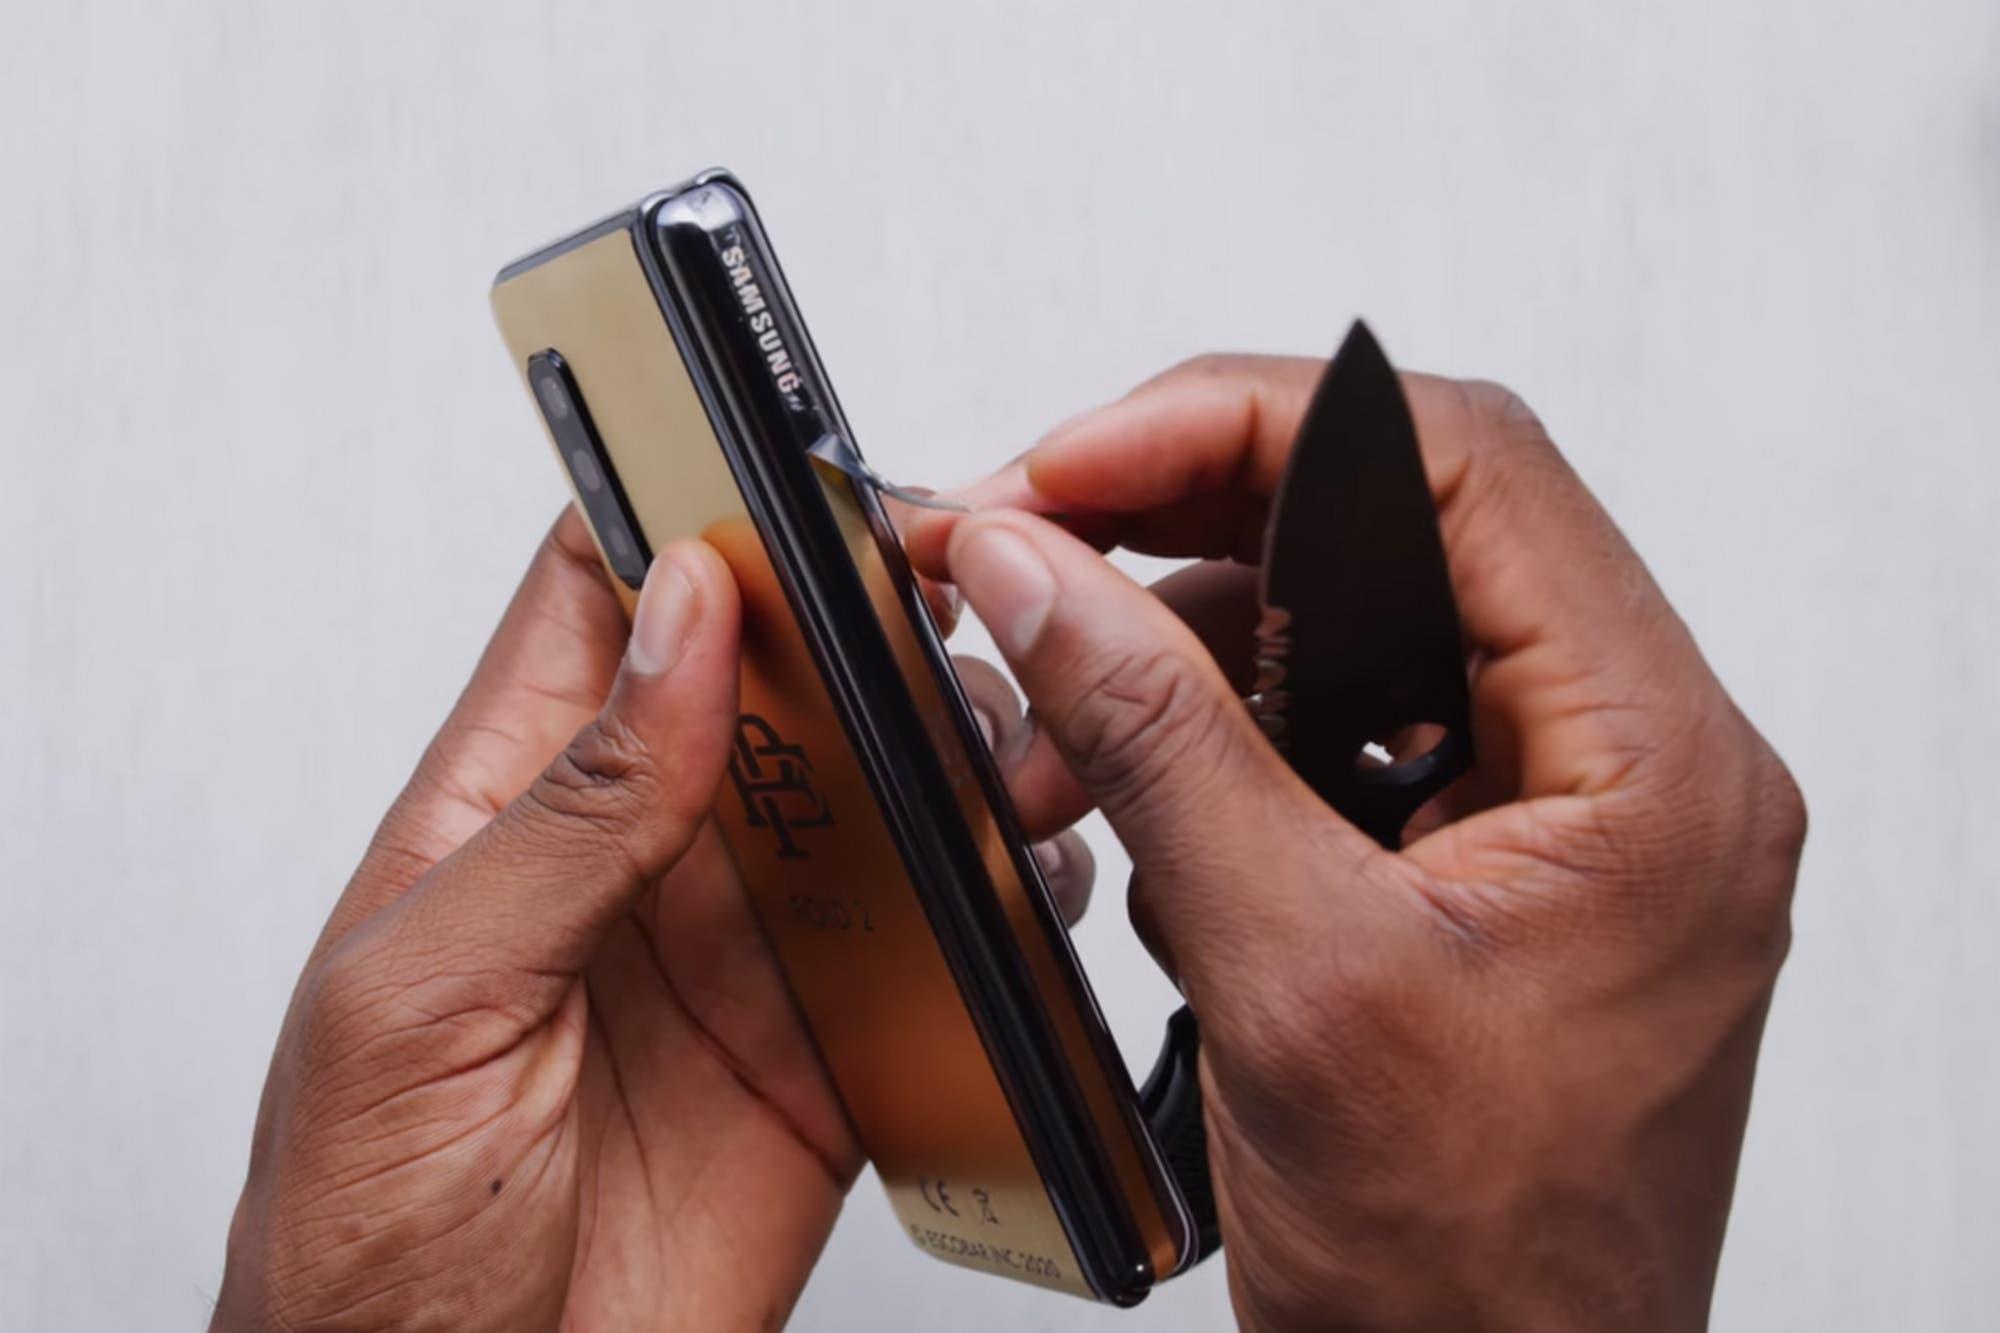 Escobar Fold 2: el smartphone plegable del hermano del narcotraficante Pablo Escobar era un Galaxy Fold